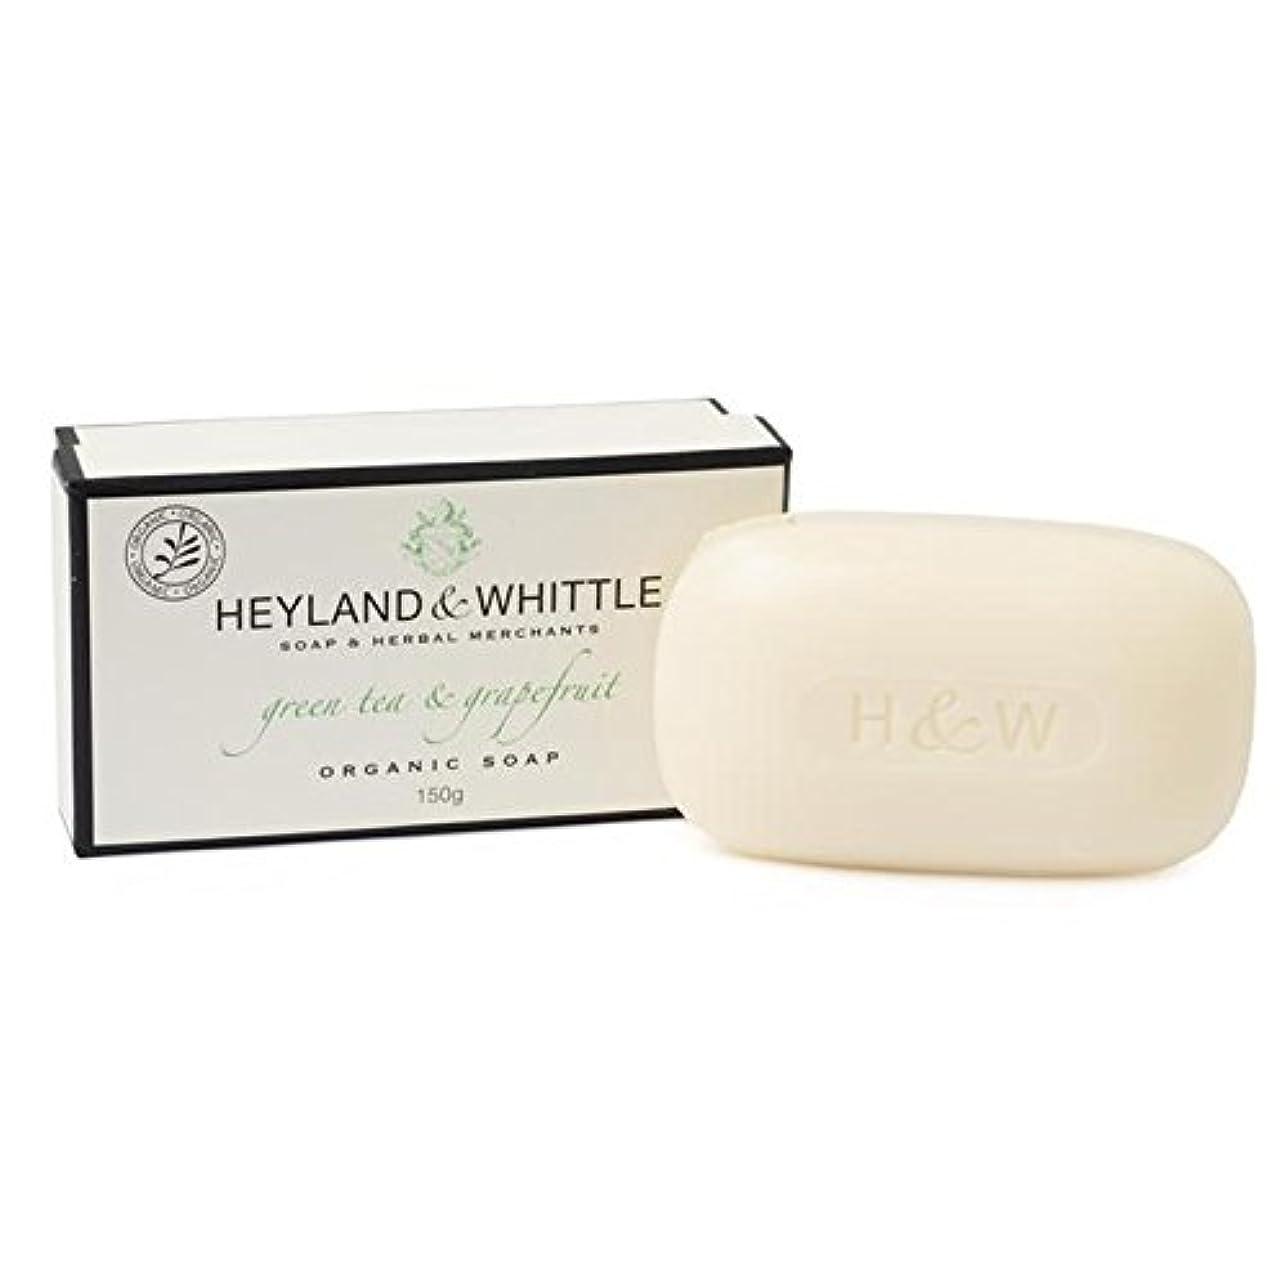 騙すブレーク現象&削る緑茶&グレープフルーツはオーガニックソープ150グラム箱入り x2 - Heyland & Whittle Green Tea & Grapefruit Boxed Organic Soap 150g (Pack...